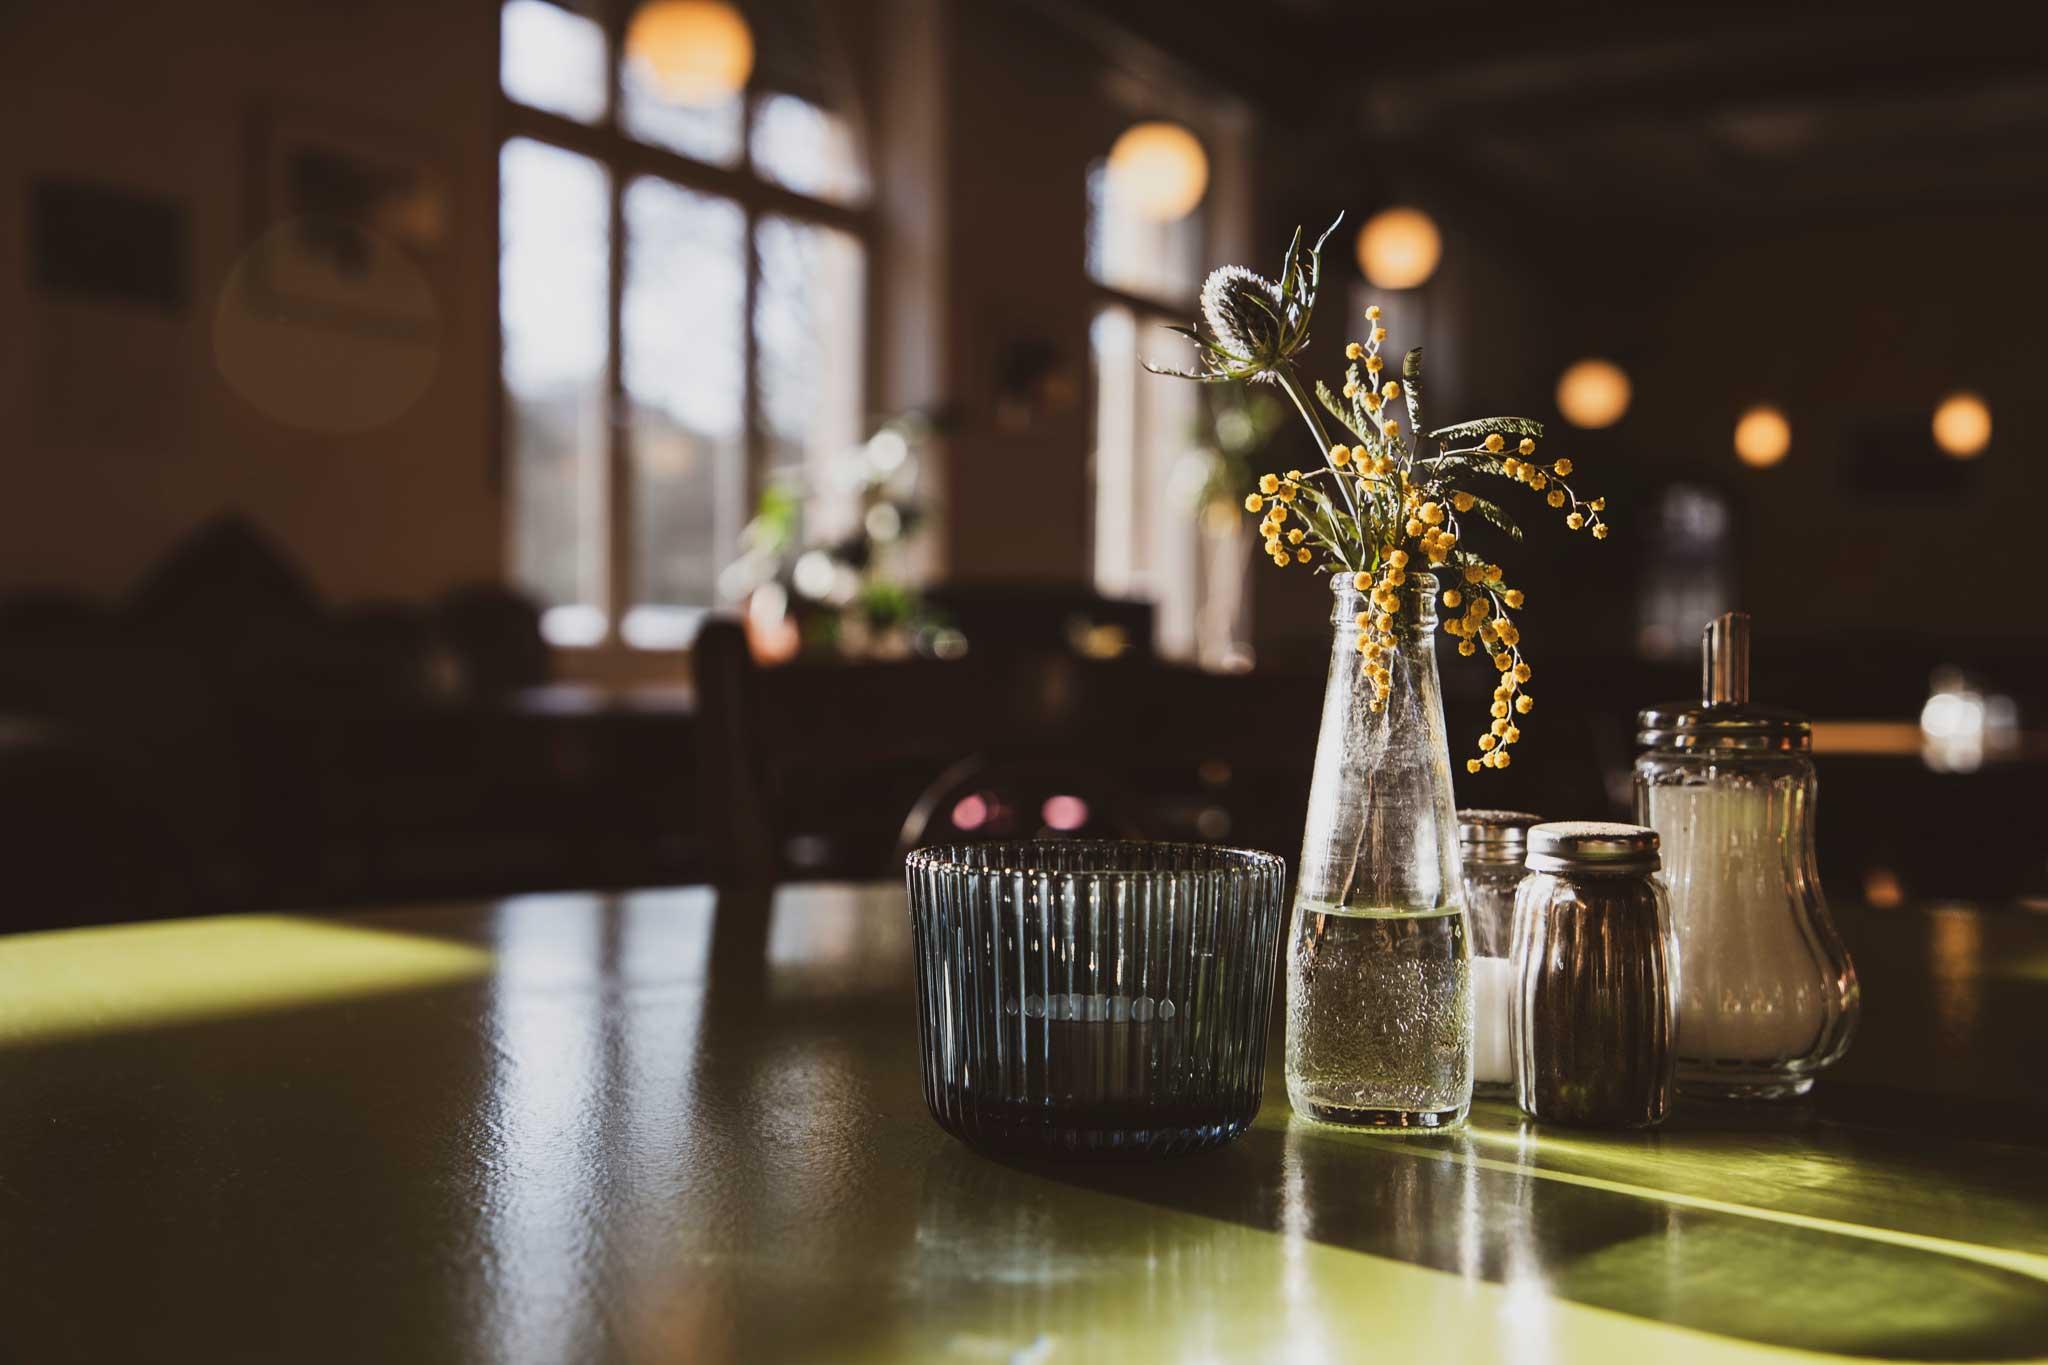 dekorierter Tisch ruhige Atmosphäre - Link Veranstaltungen